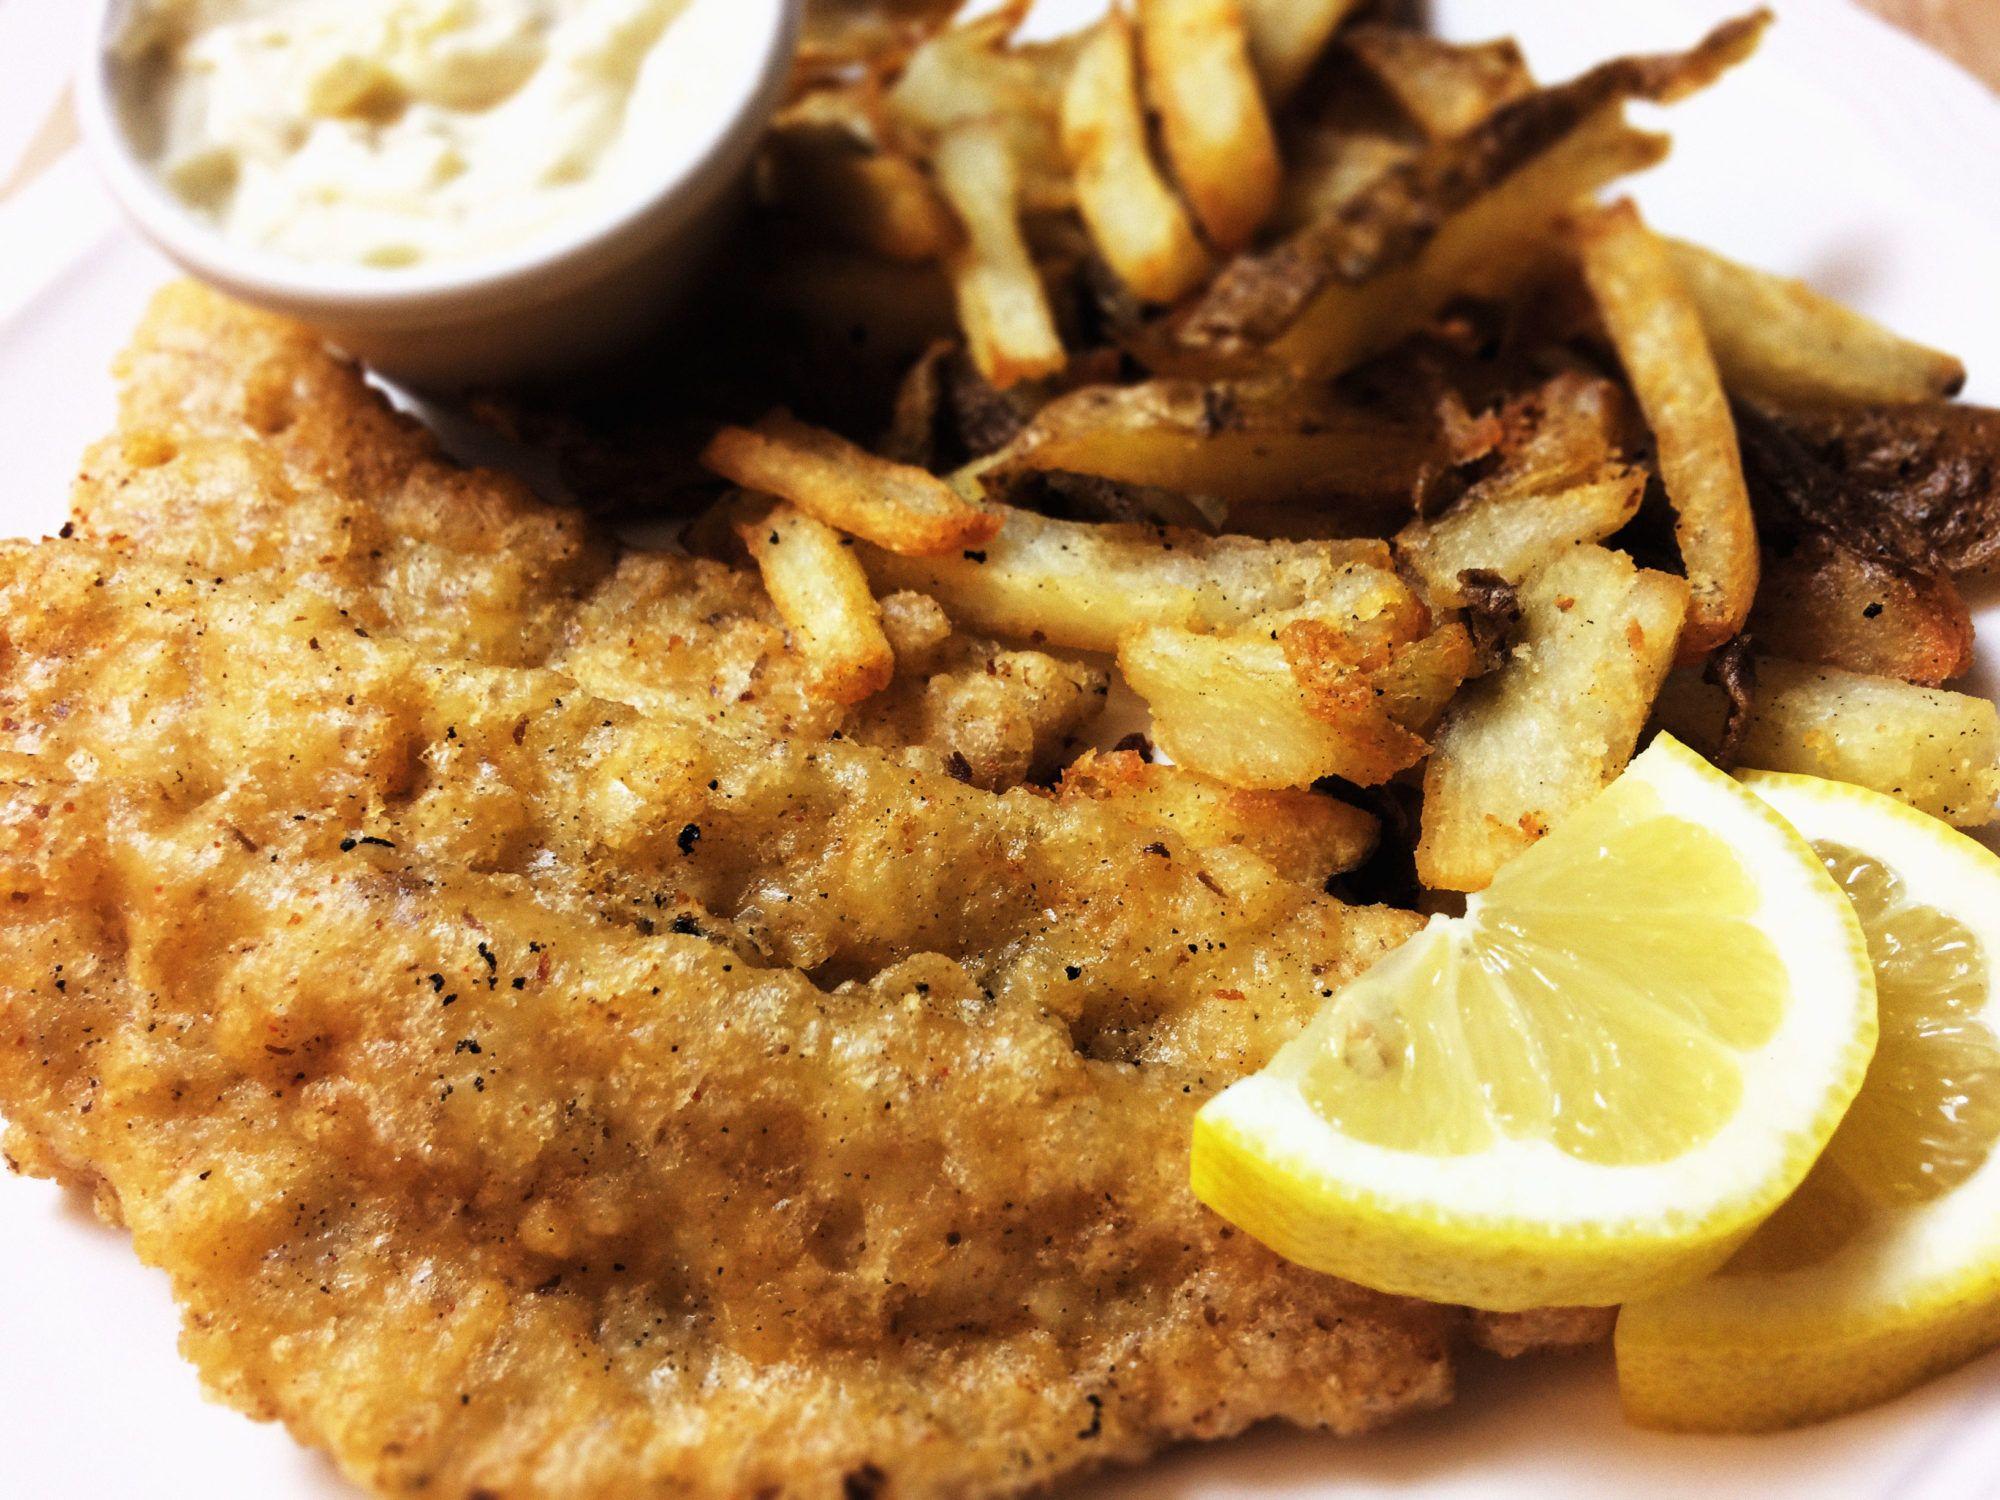 Vegan Fish And Chips Recipe Vegan Fish Vegan Fish Chips Fresh Fish Recipes